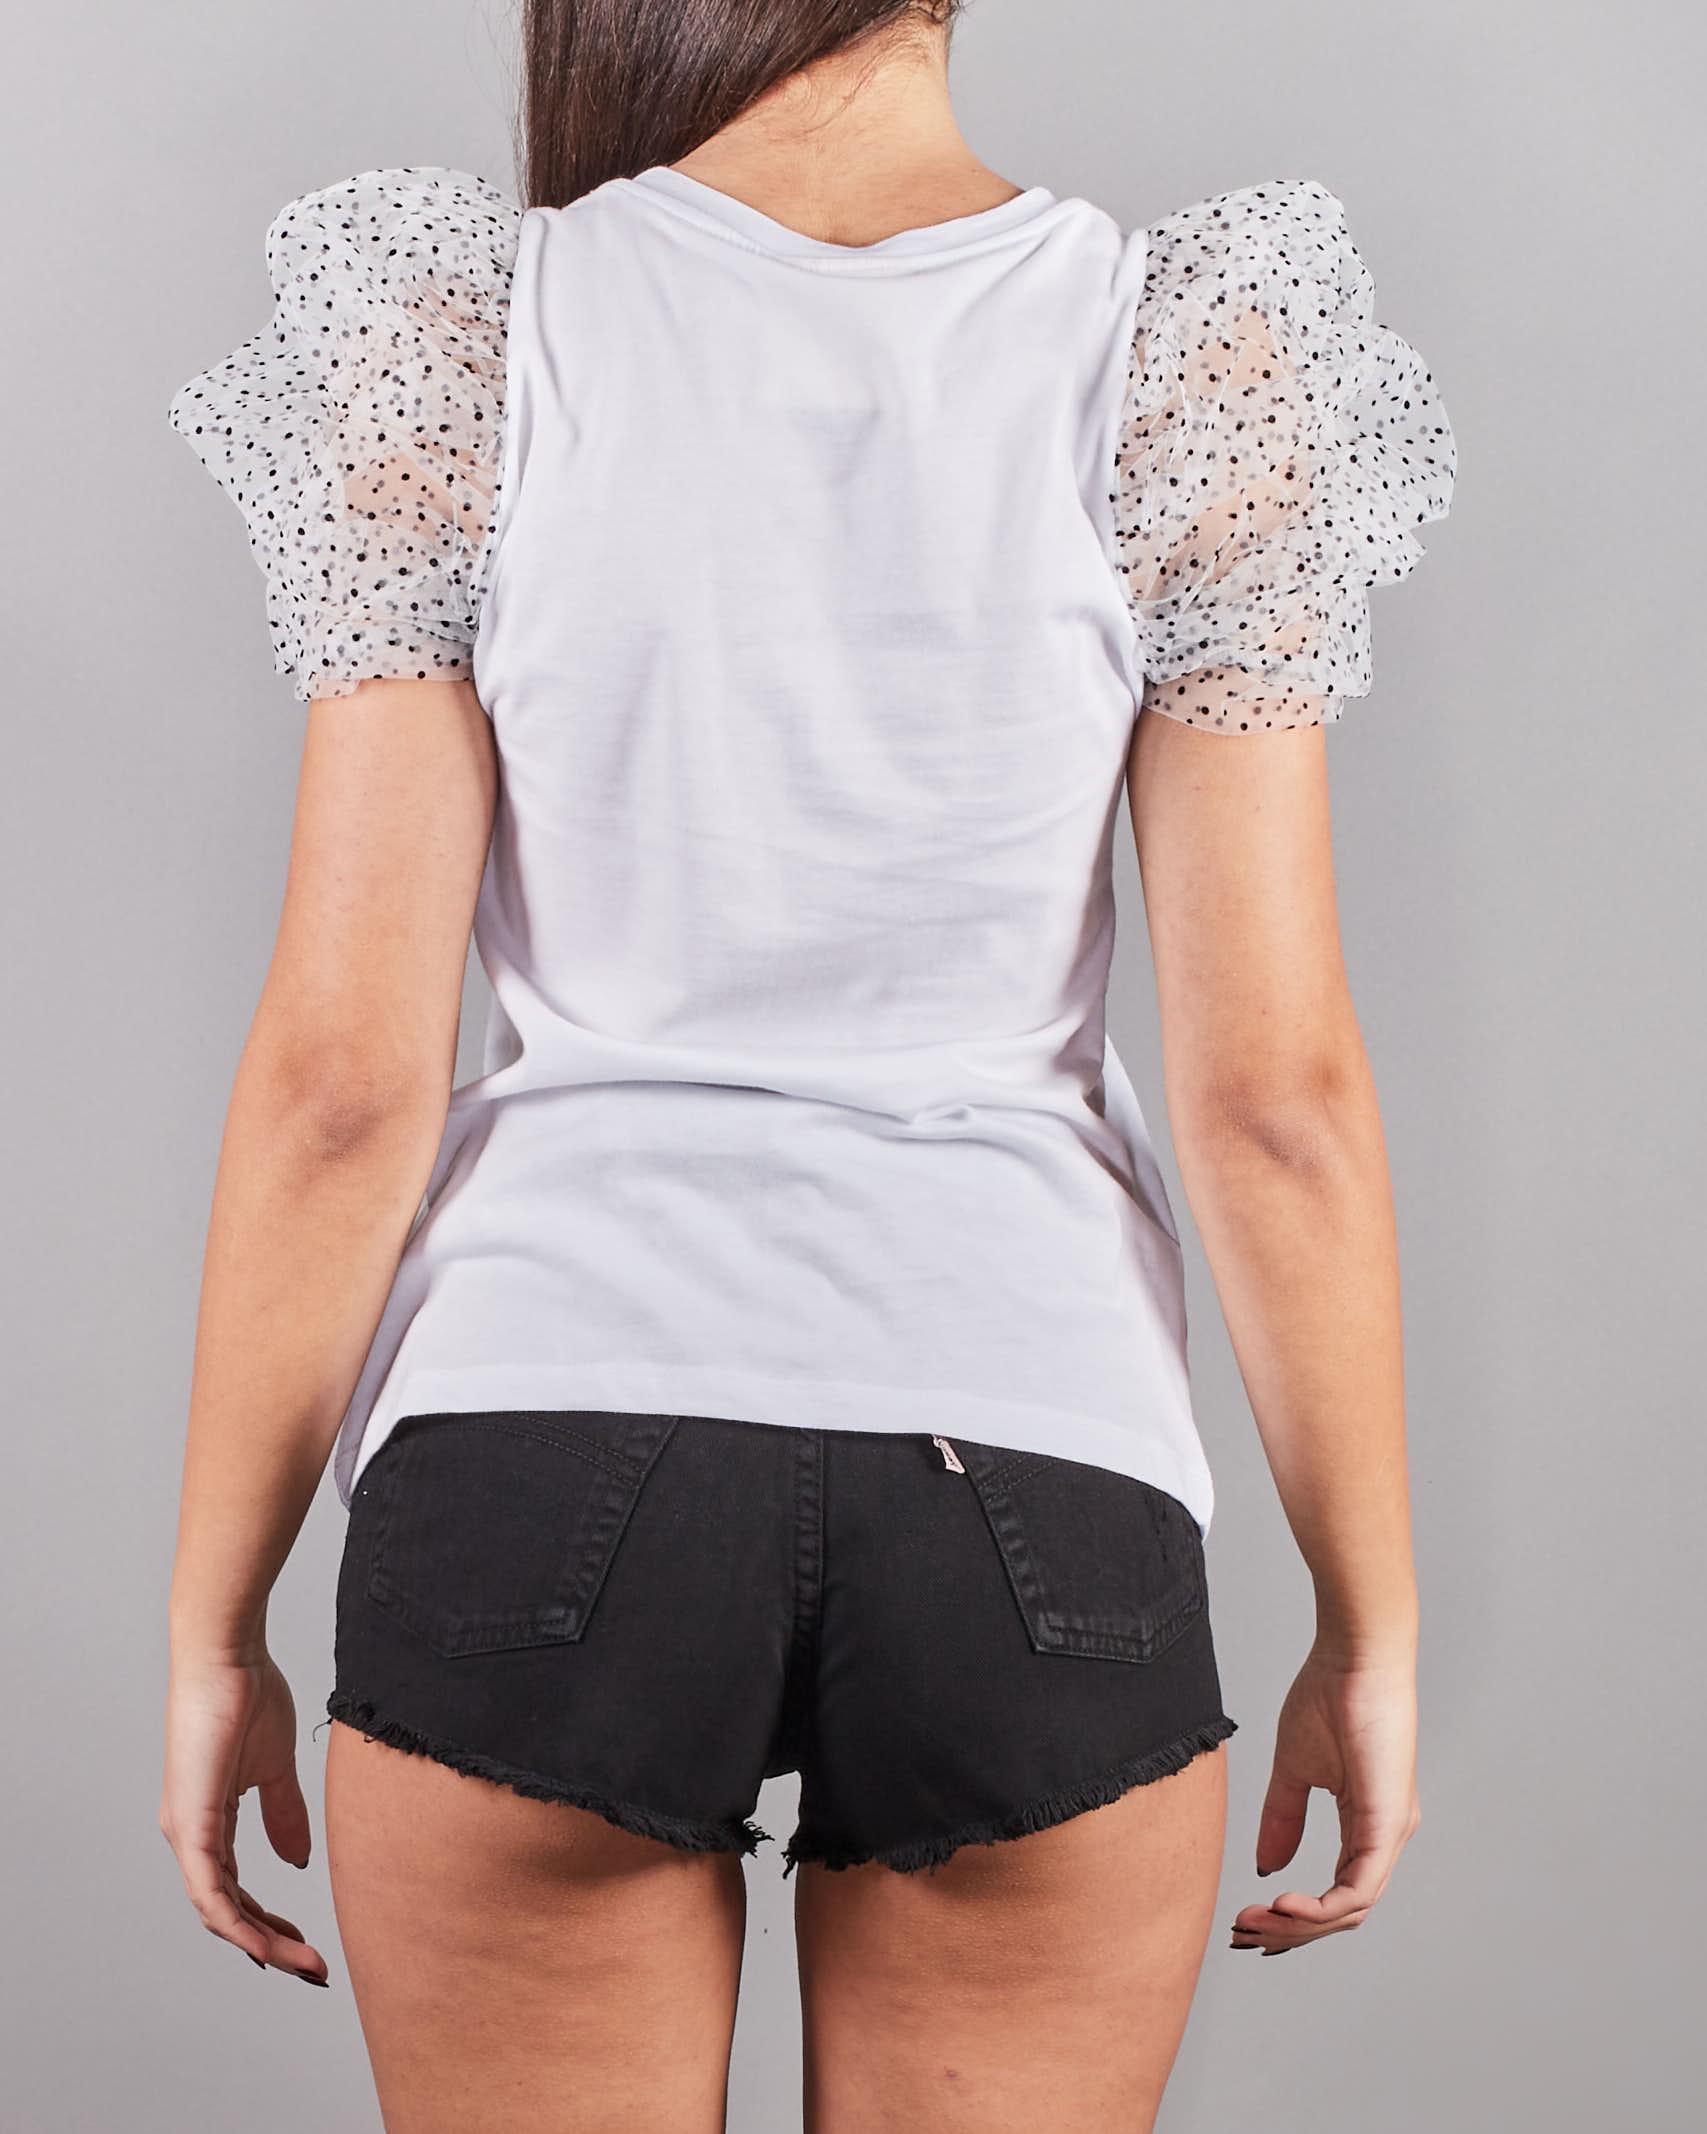 T-shirt Pois Maty Aniye By ANIYE BY | T-shirt | 1856341898